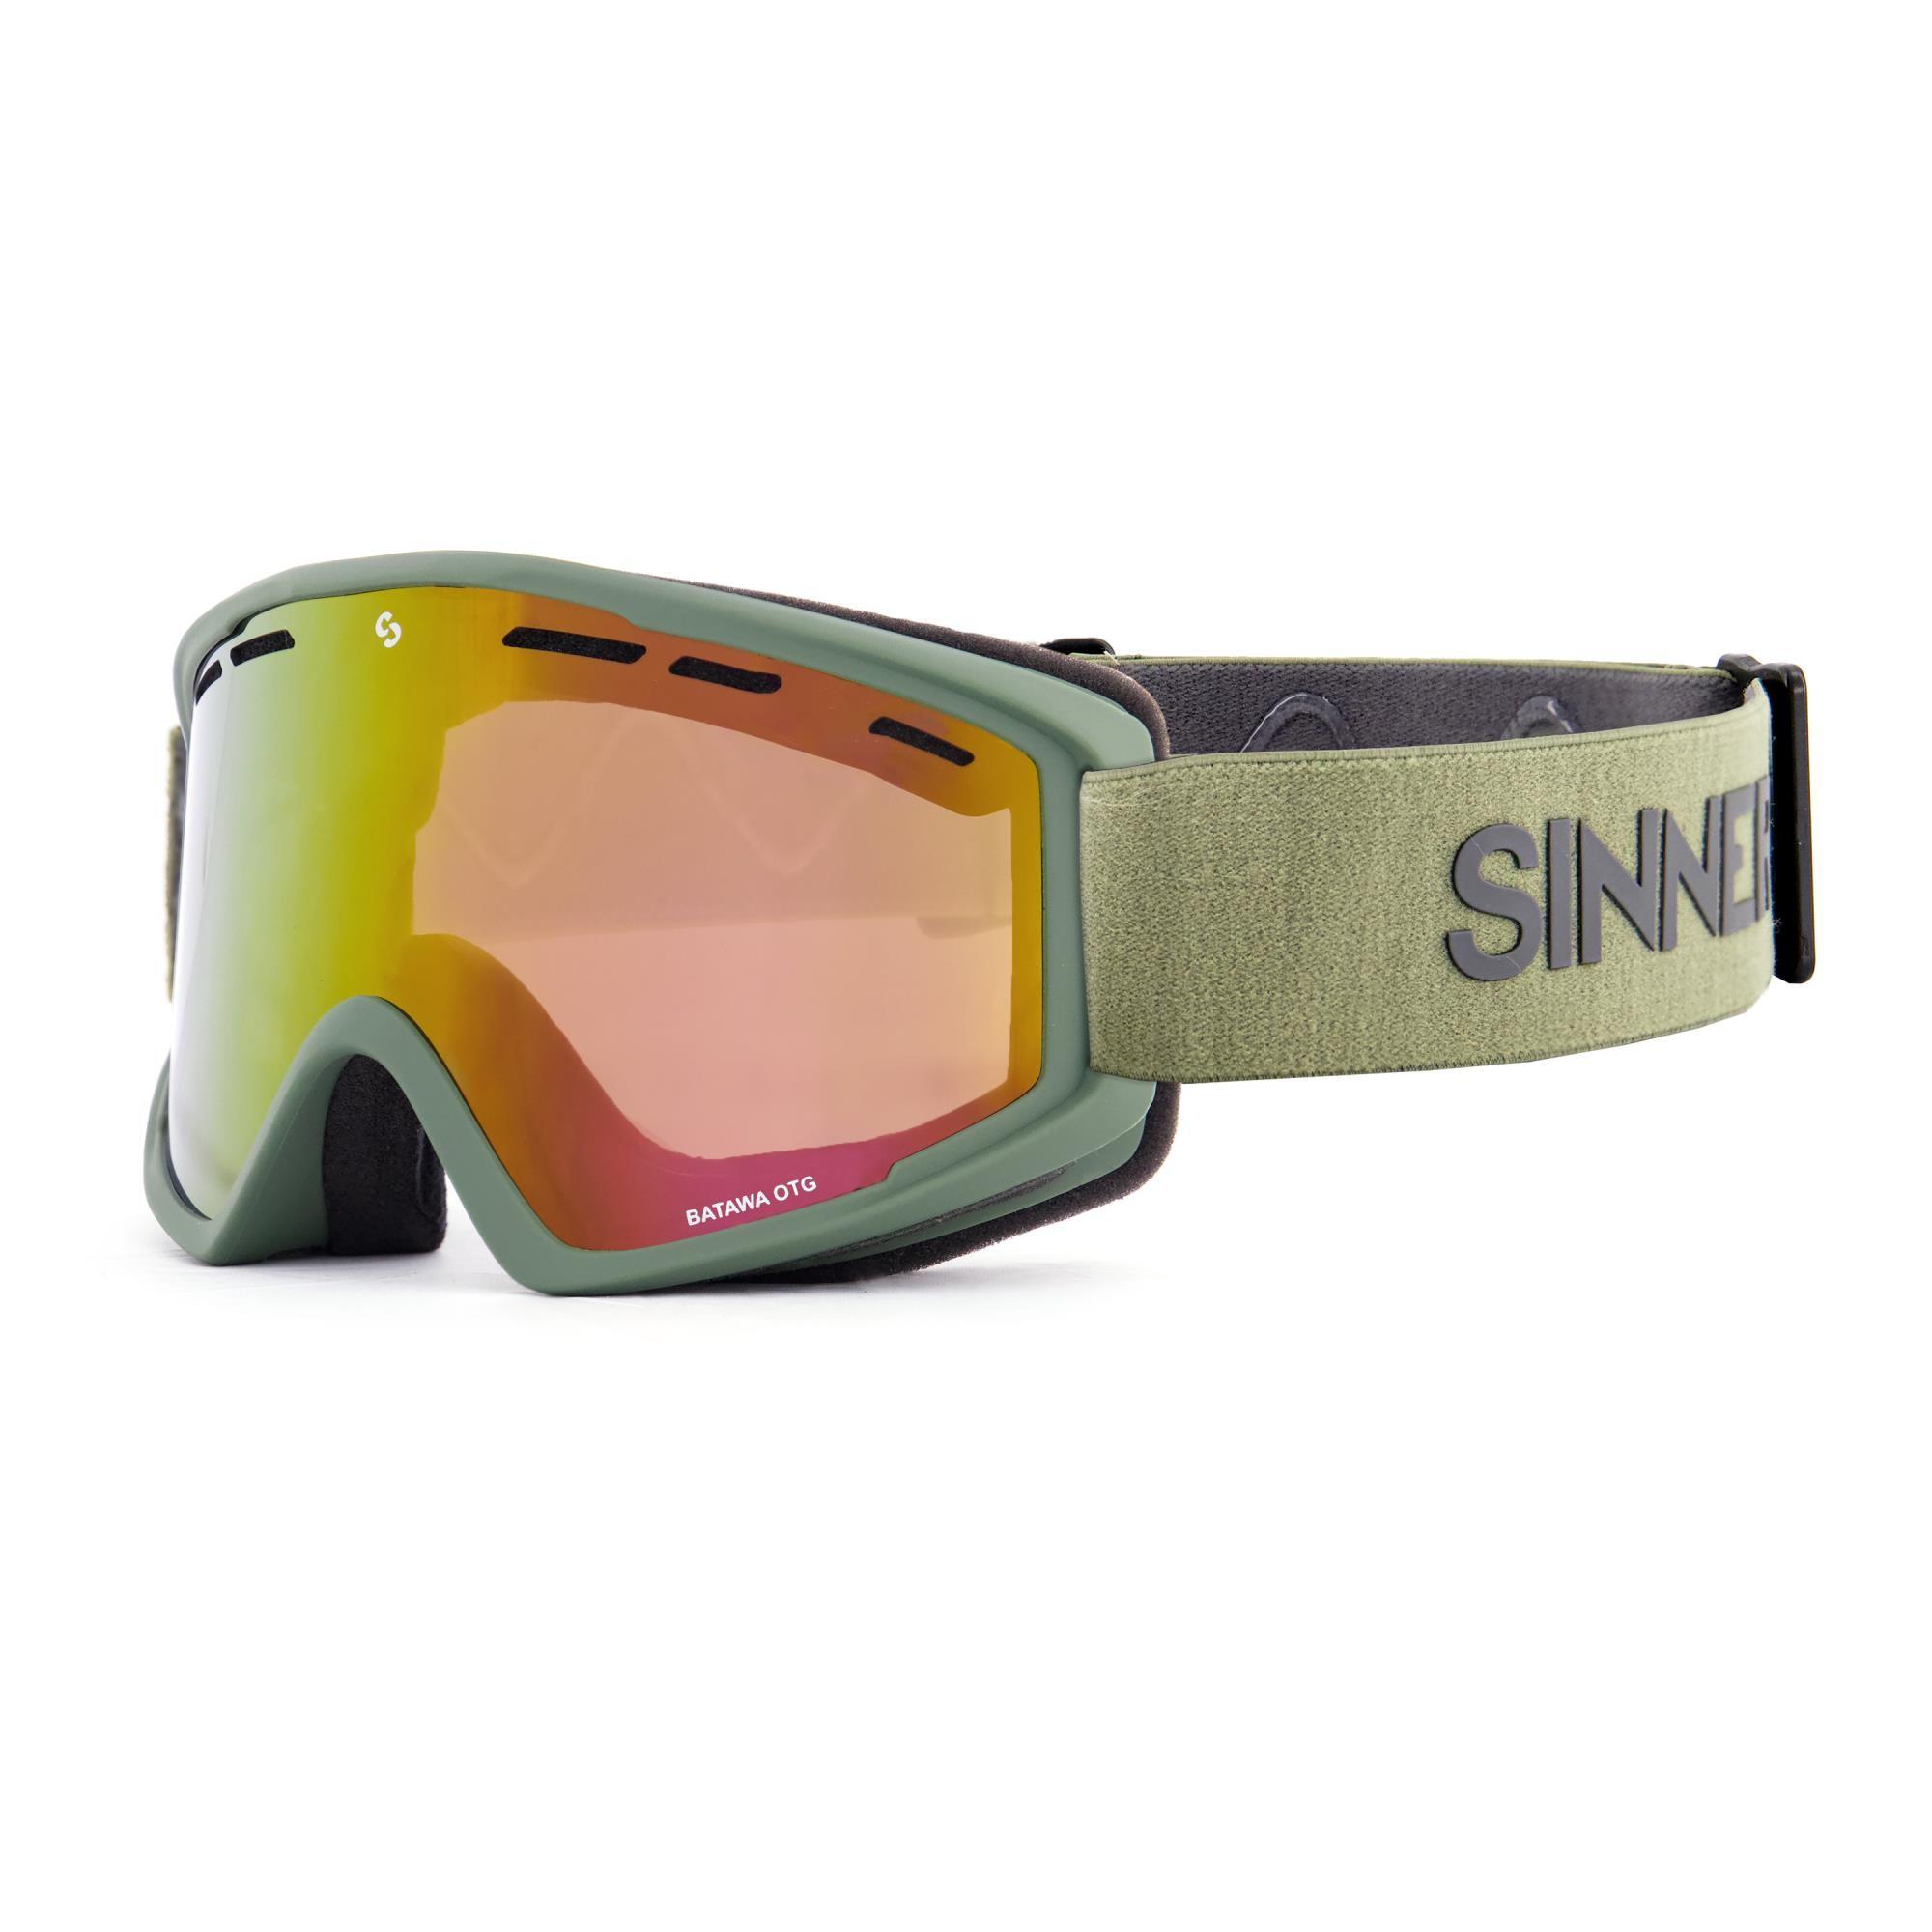 Sinner Batawa Skibril Otg - Mat Mosgroen Frame - Volledig Rode Spiegellens